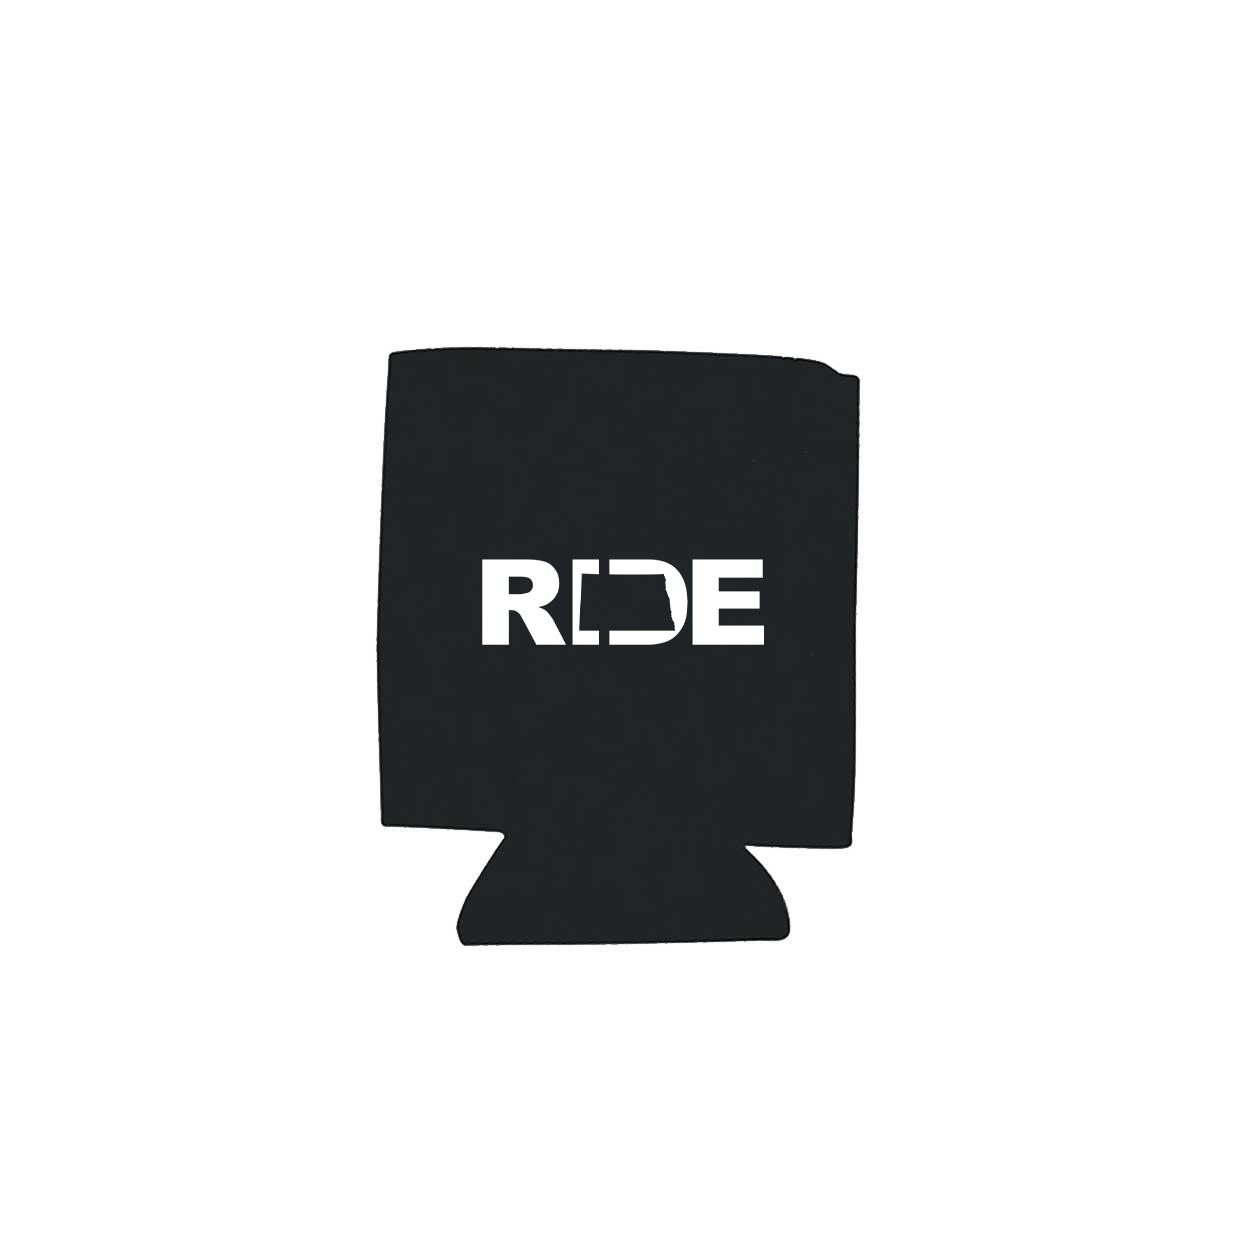 Ride North Dakota Koozie Black (White Logo)